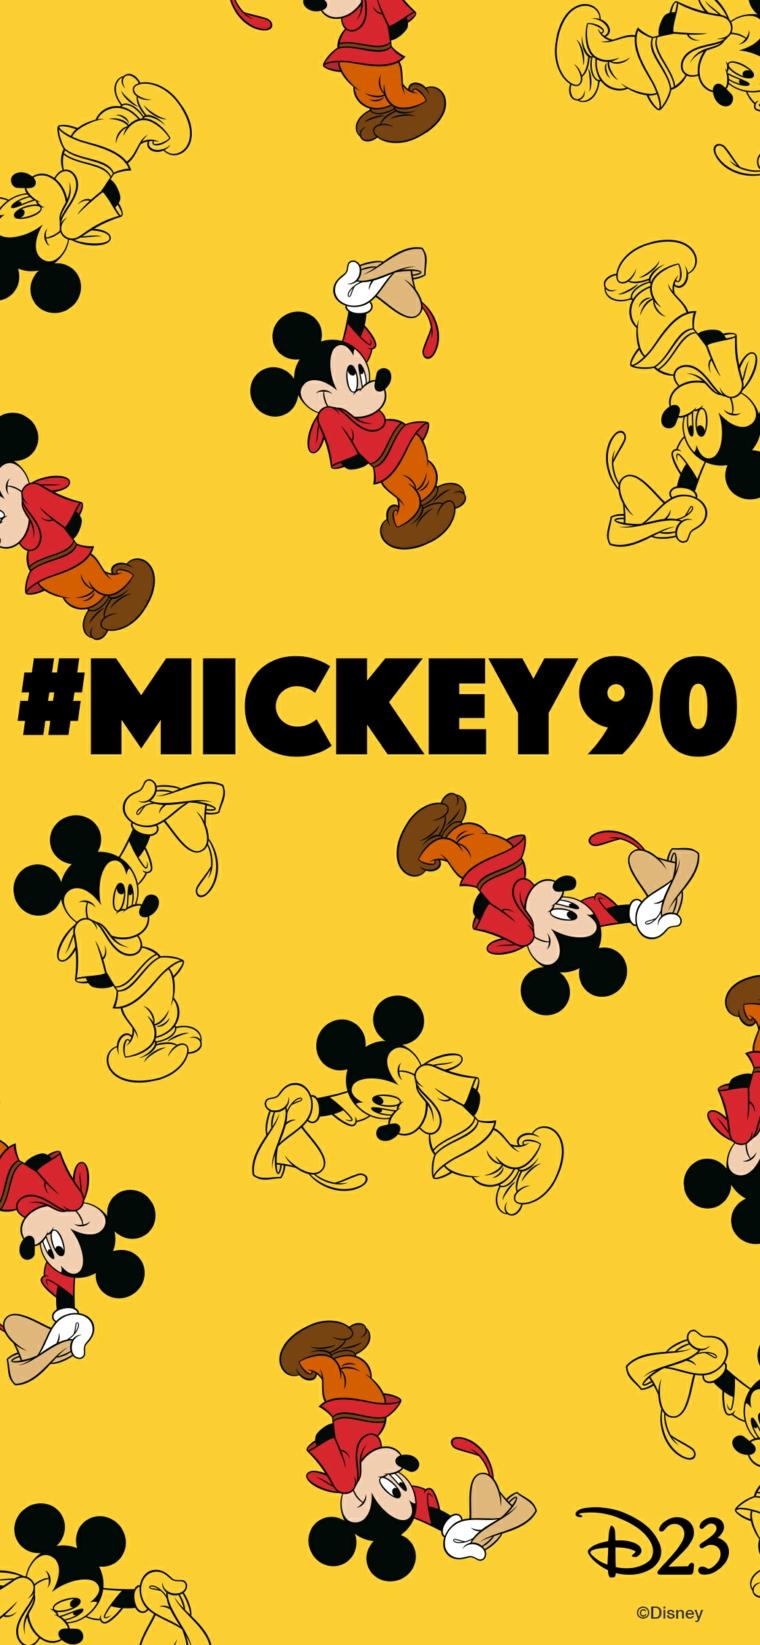 Sfondi per cellulari, immagine con sfondo di colore giallo e disegno di Mickey Mousse